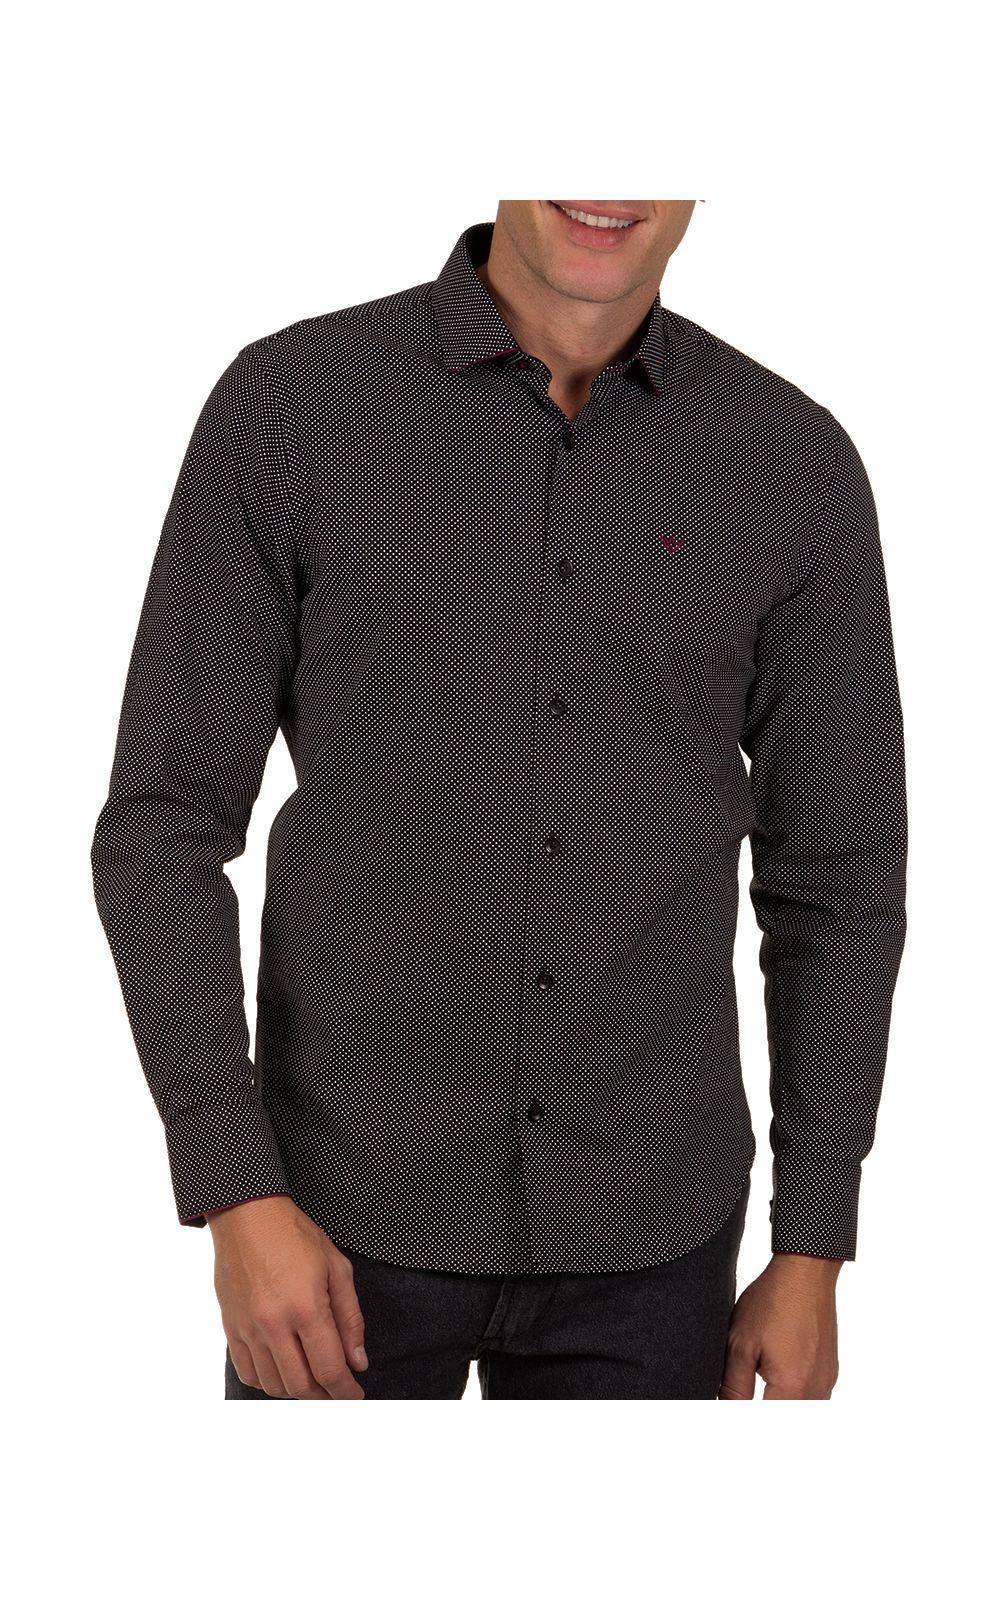 Foto 1 - Camisa Social Masculina Preto Detalhada